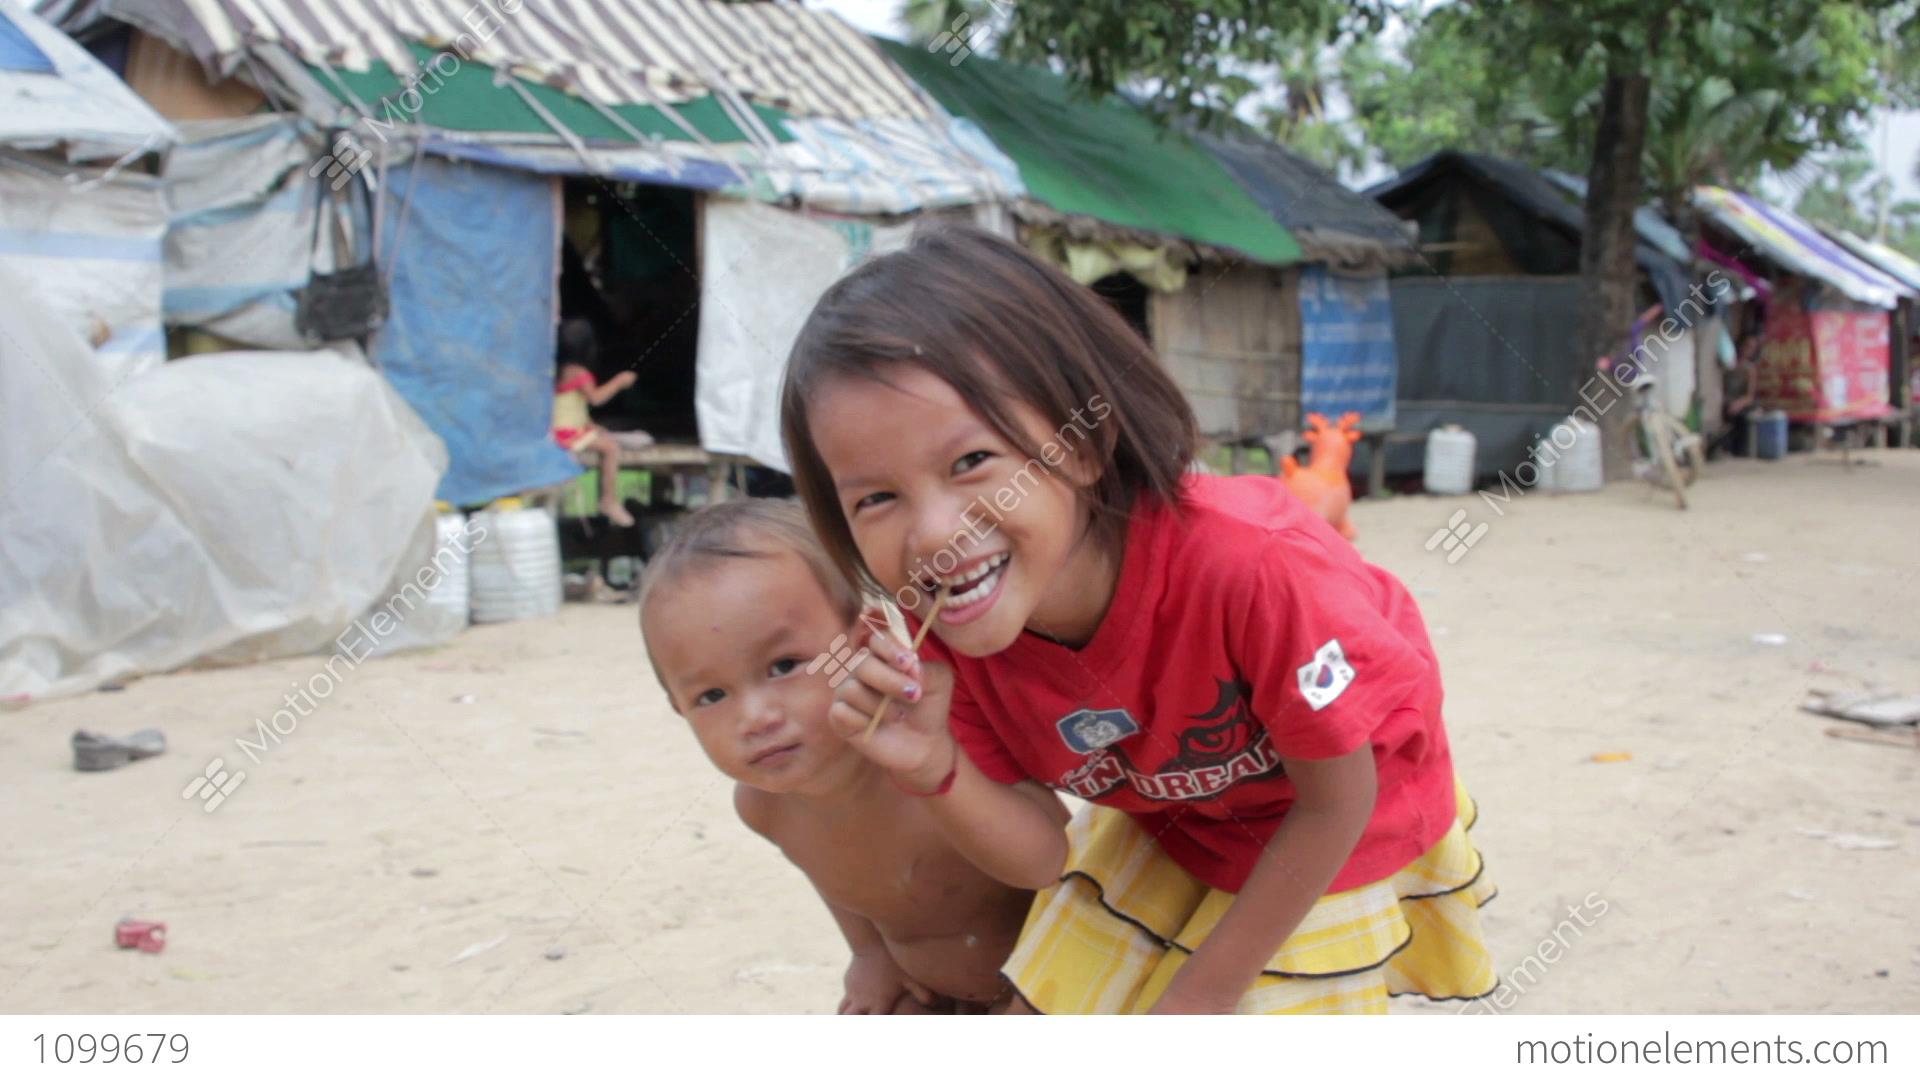 Cambodian Slums Stock Footage & Videos - (13 Stock Videos